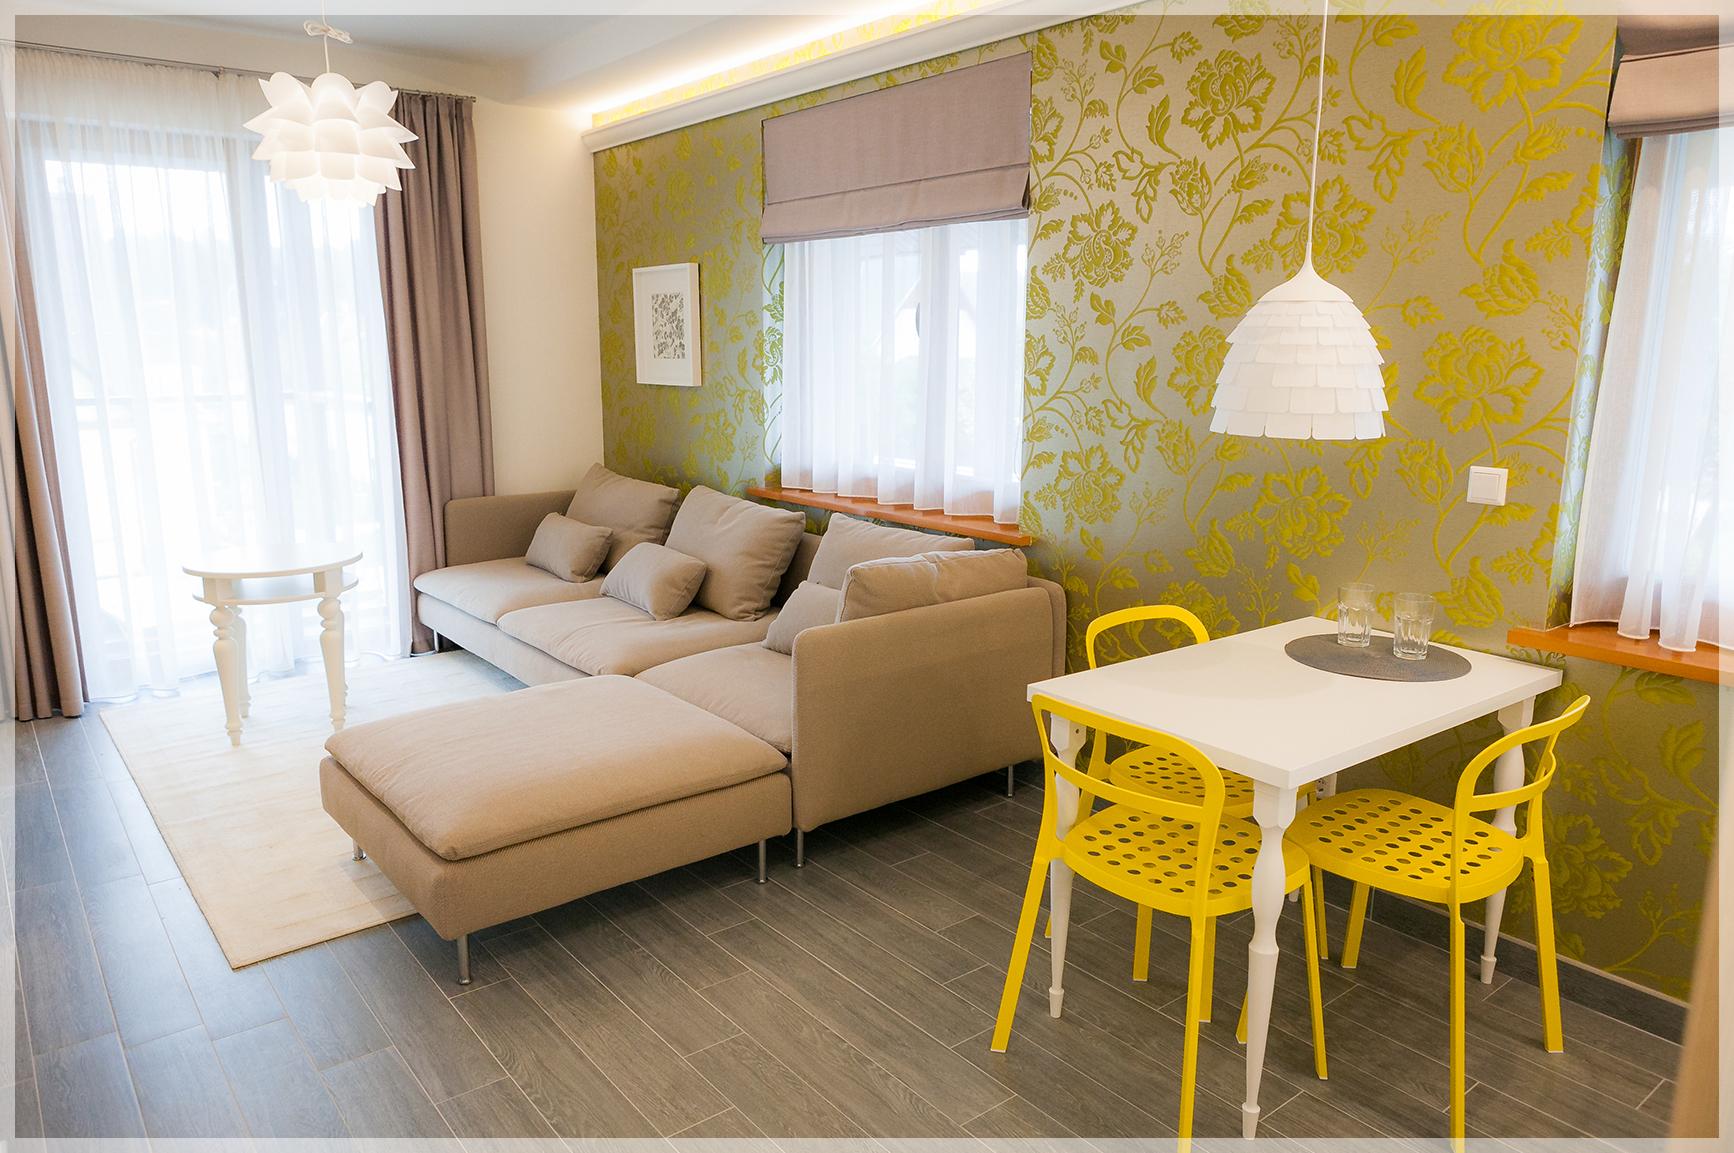 Vila_Nikolas__0003_geltonieji apartamentai